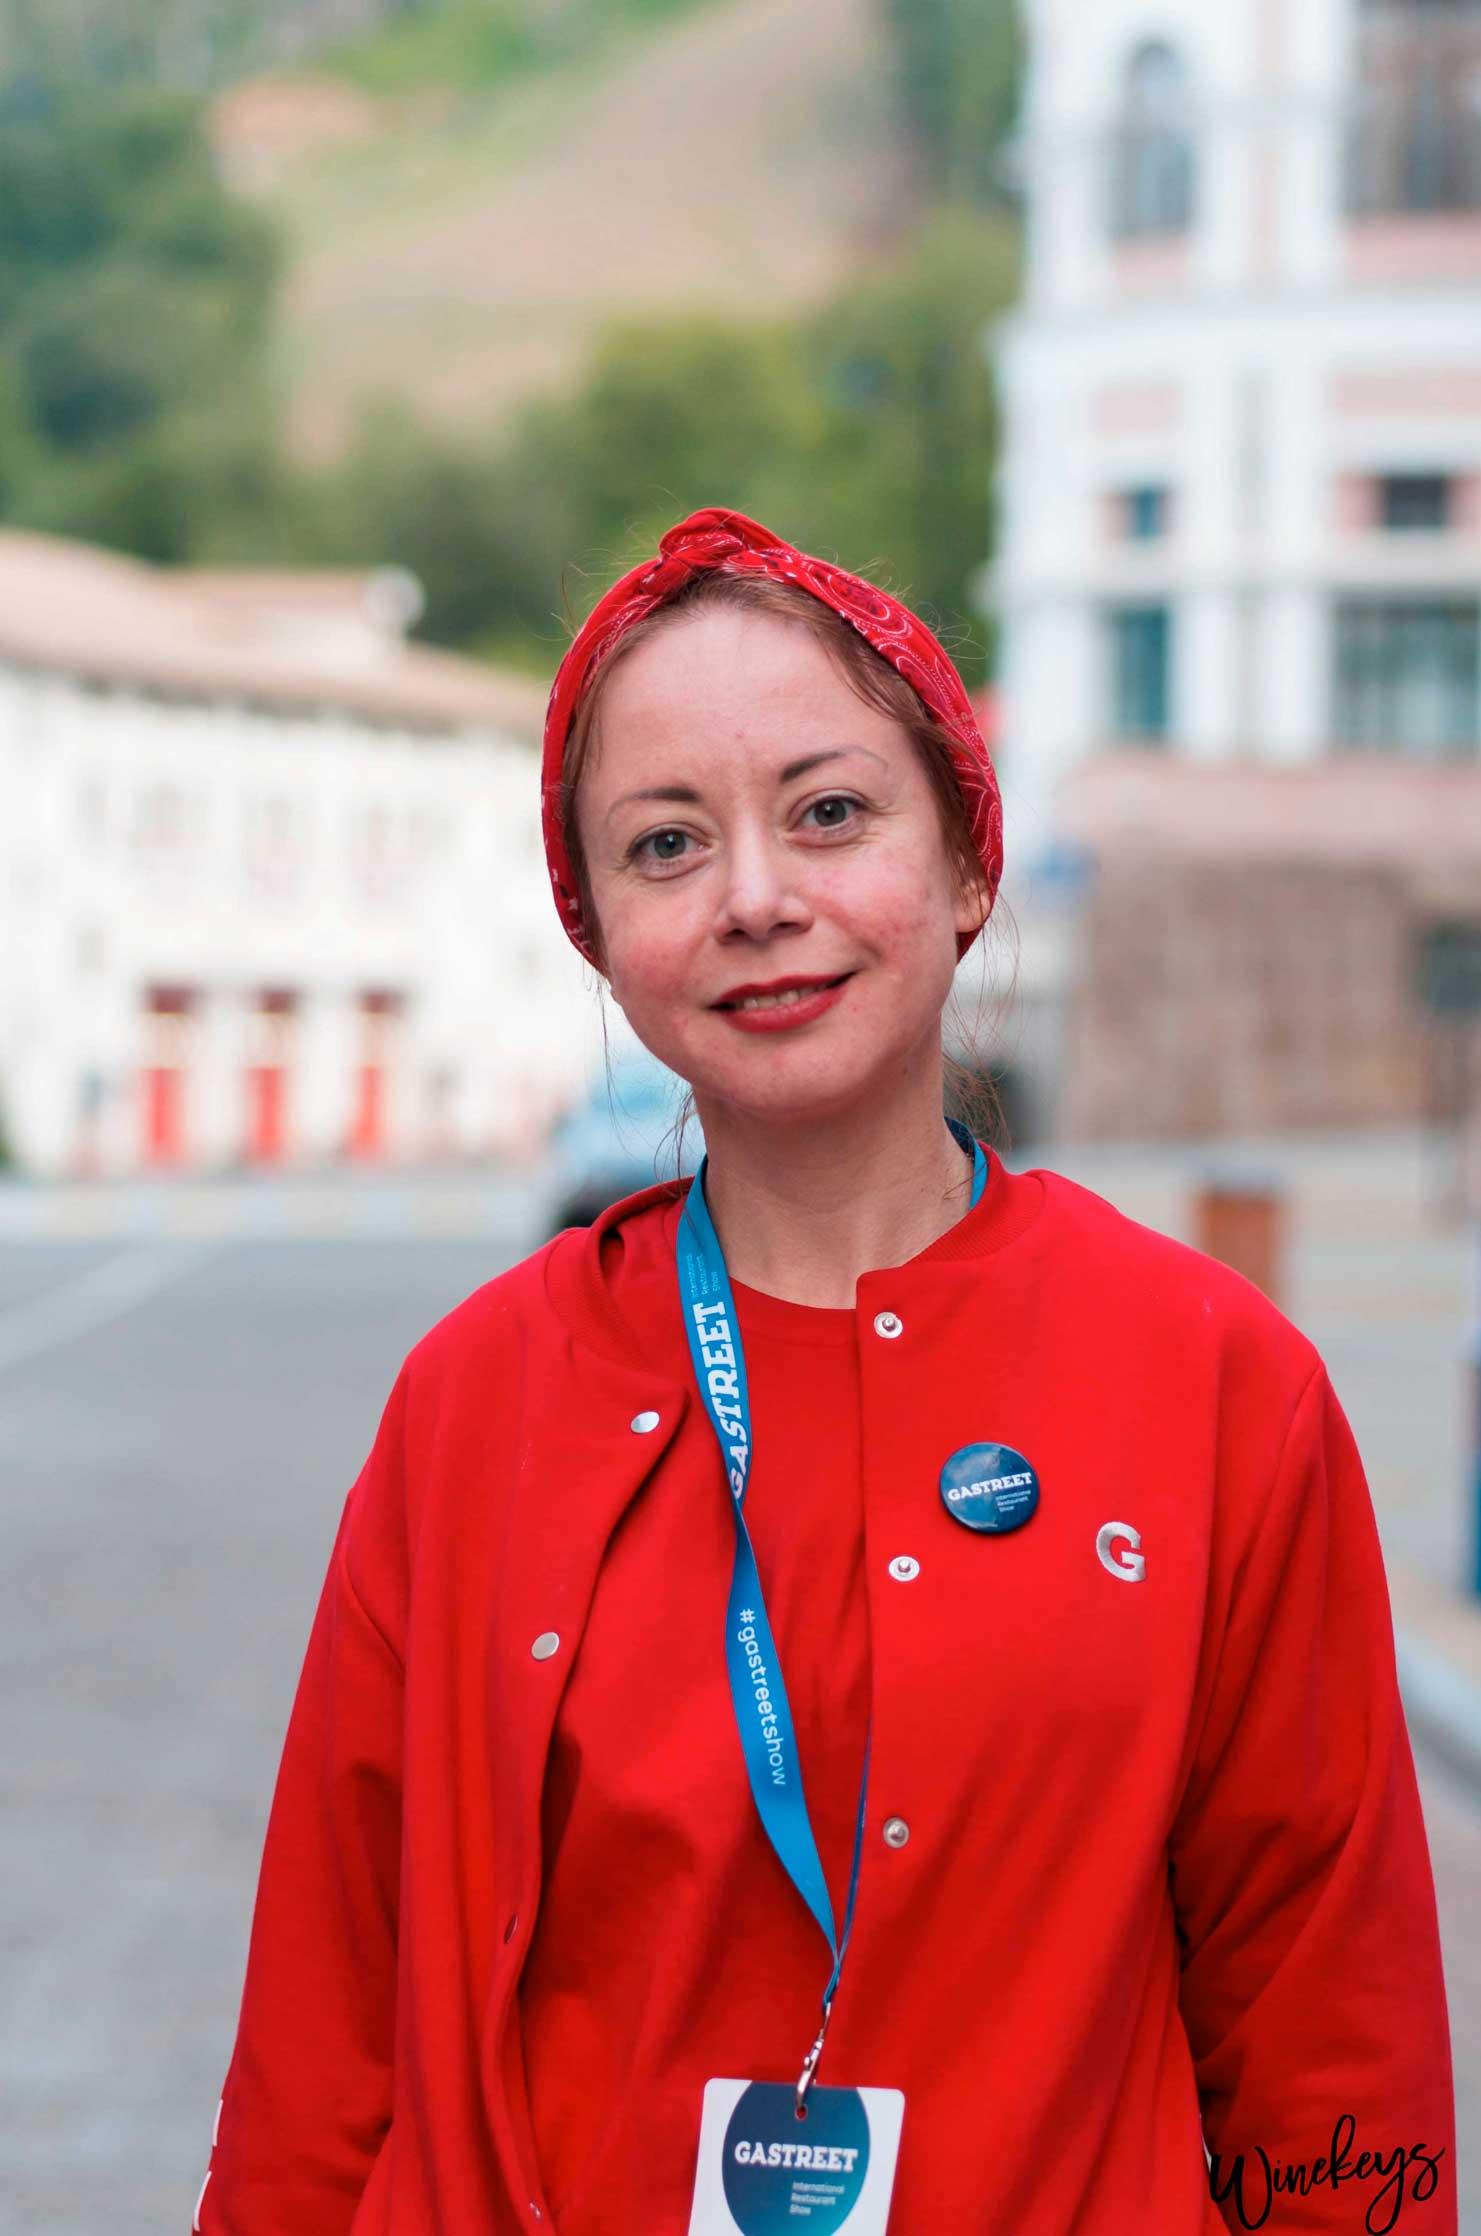 Фотография участника фестиваля Gastreet